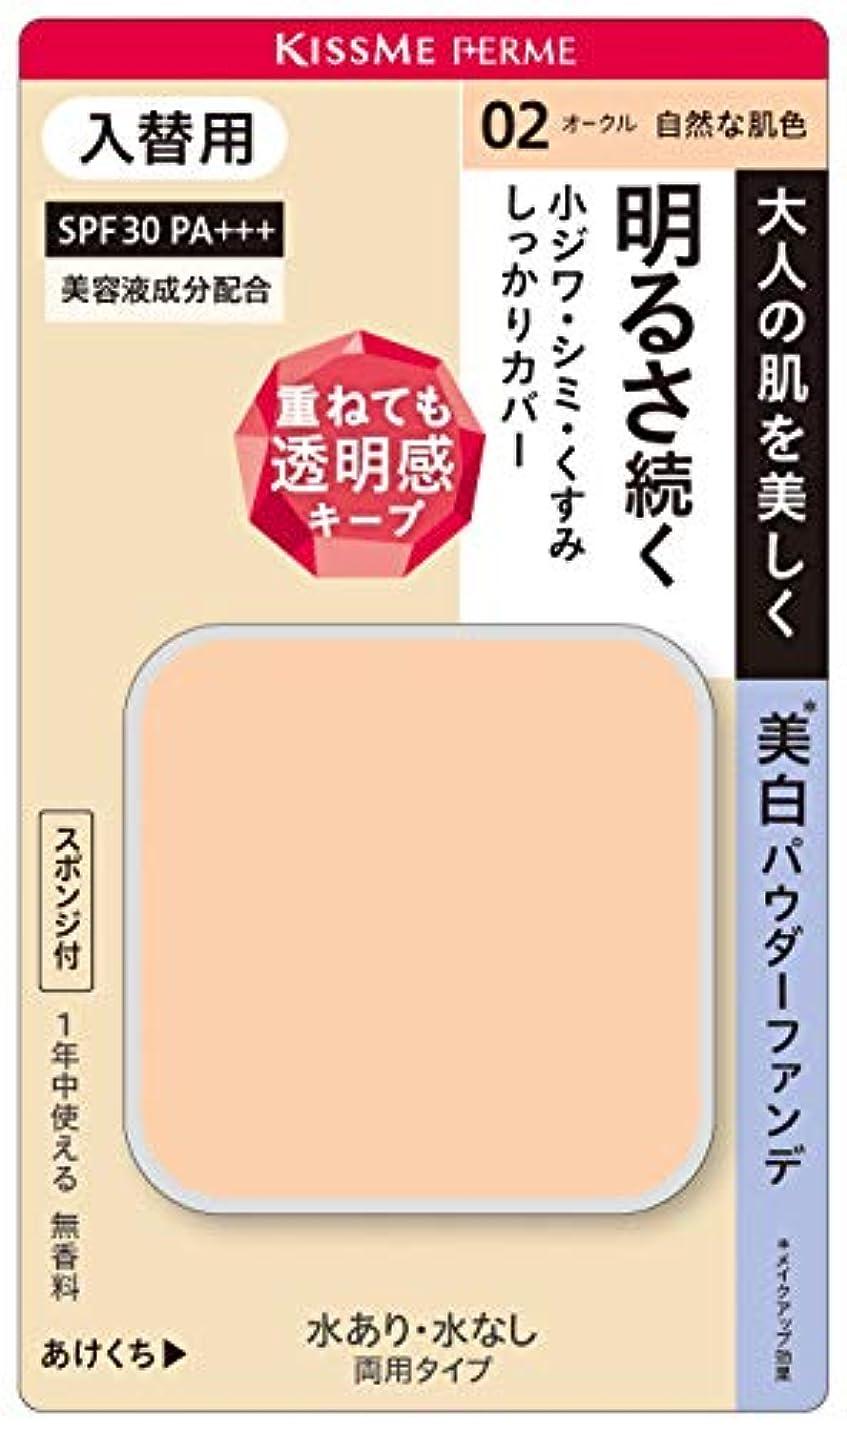 有料コウモリ魔女キスミーフェルム カバーして明るい肌 パウダーファンデ(入替用)02